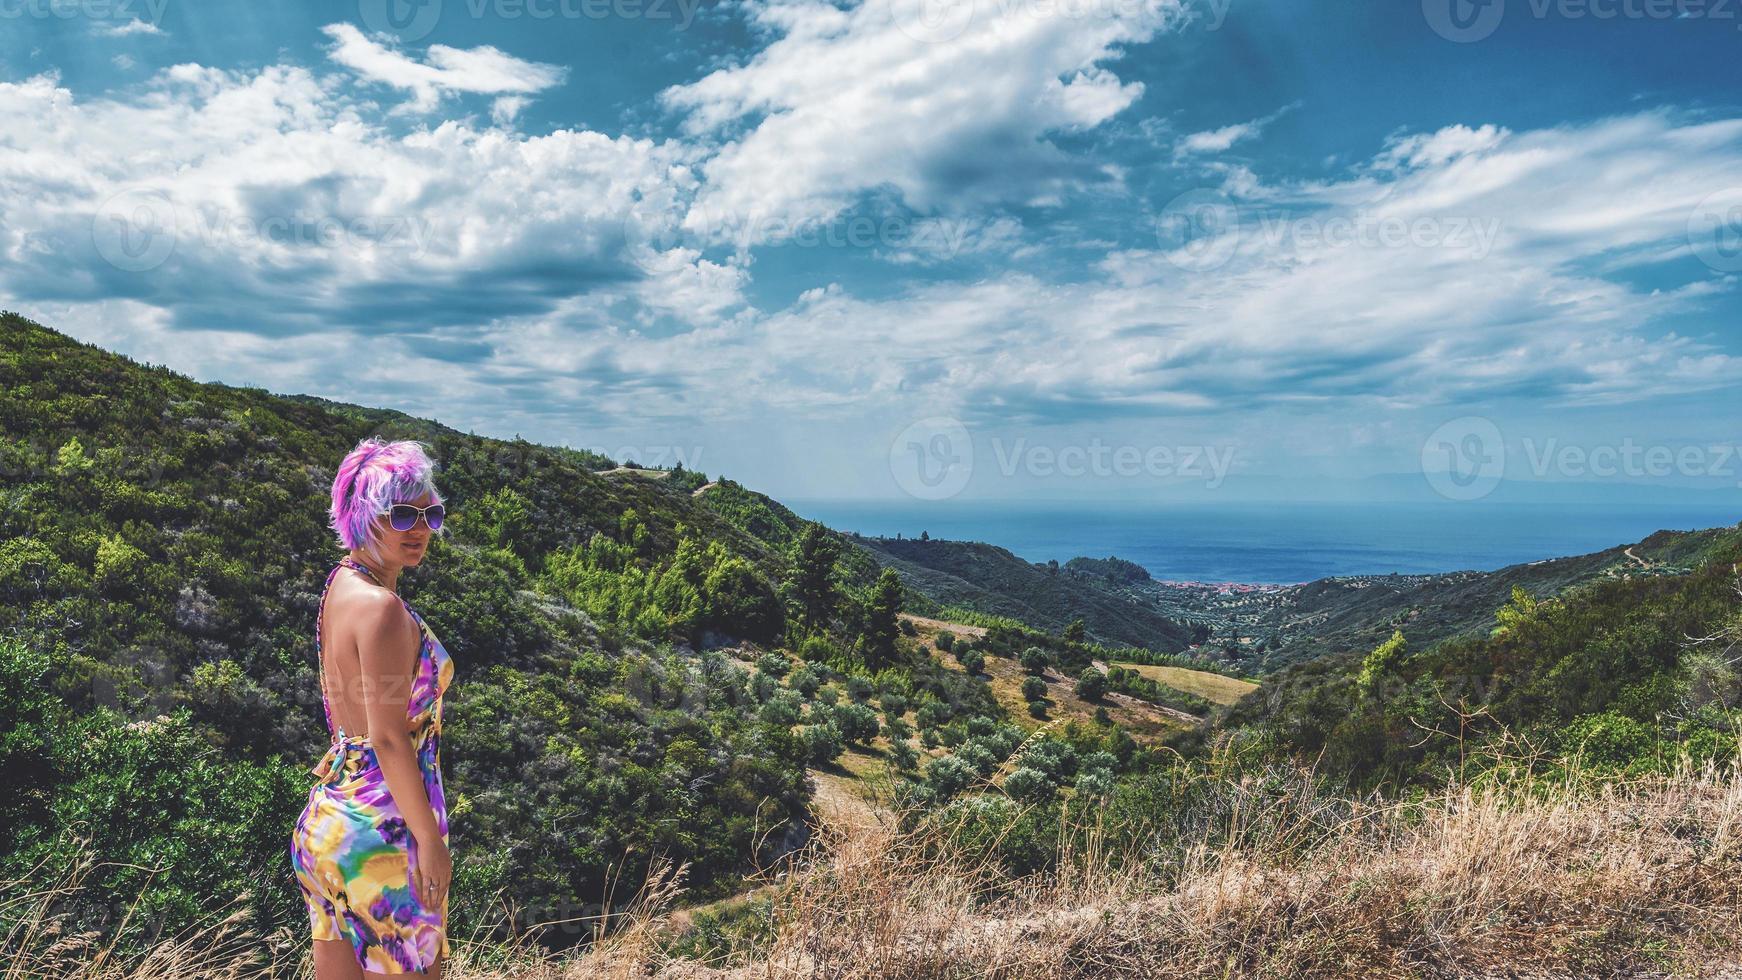 femme aux cheveux roses fous. femme aux cheveux roses regardant la caméra, à l'horizon, nous voyons une petite ville nea skioni depuis l'un des points les plus élevés de la péninsule de kassandra, en grèce. photo